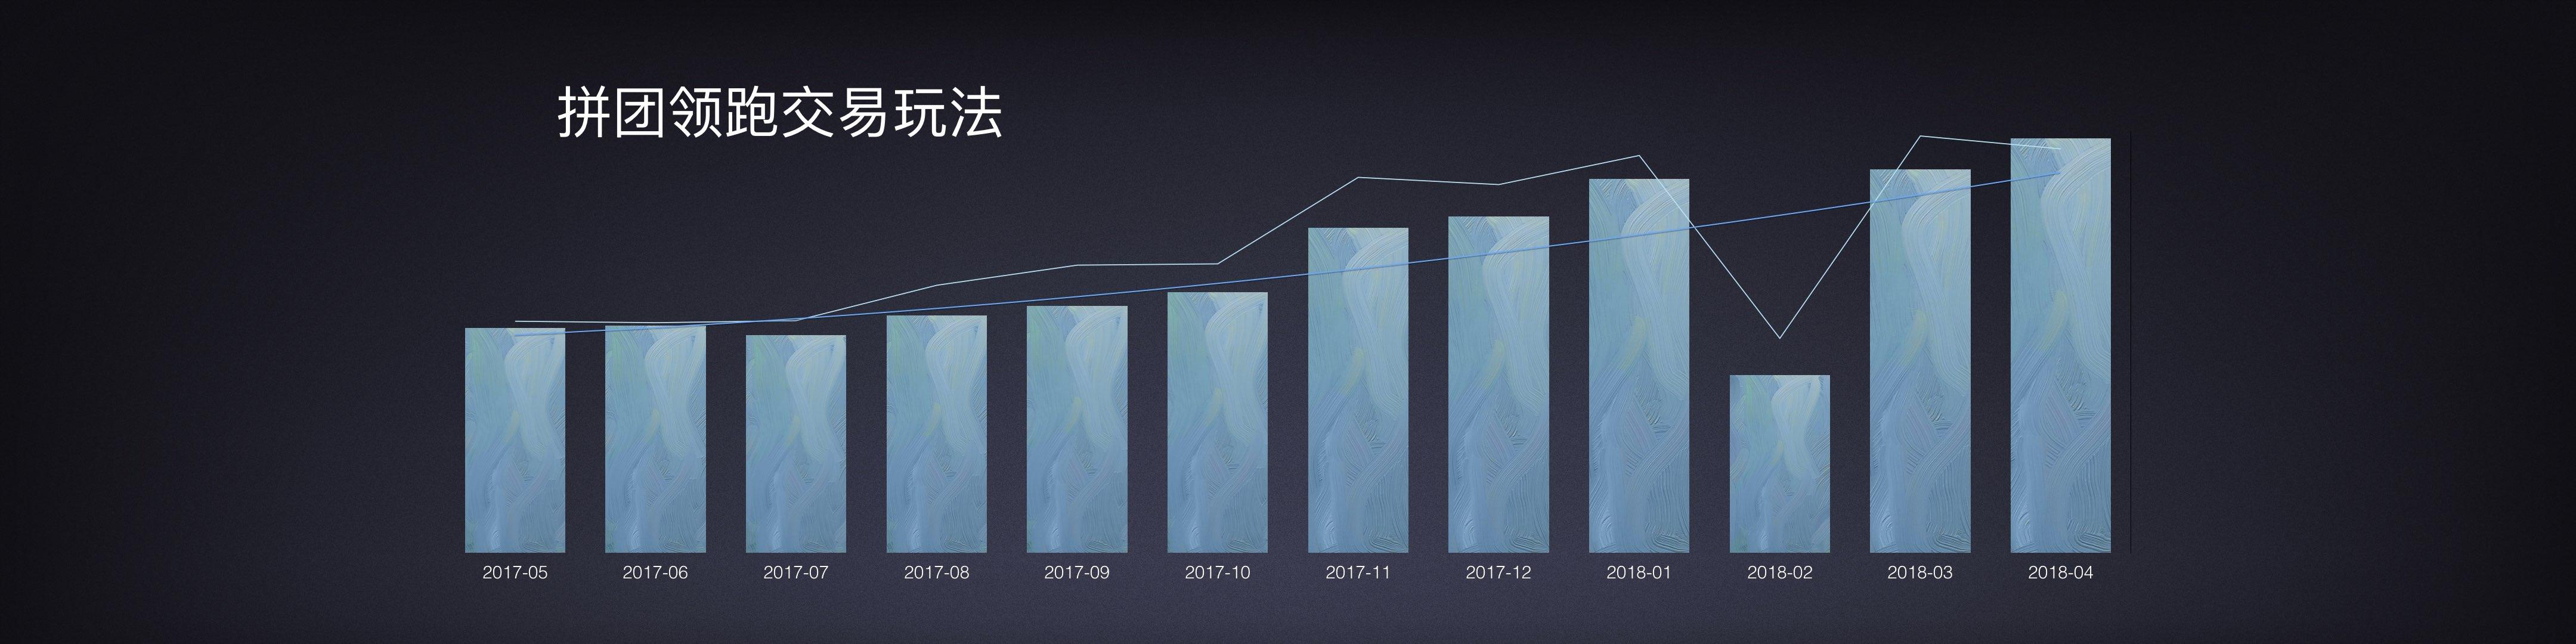 2018有赞春季沙龙-公开版.031.jpeg